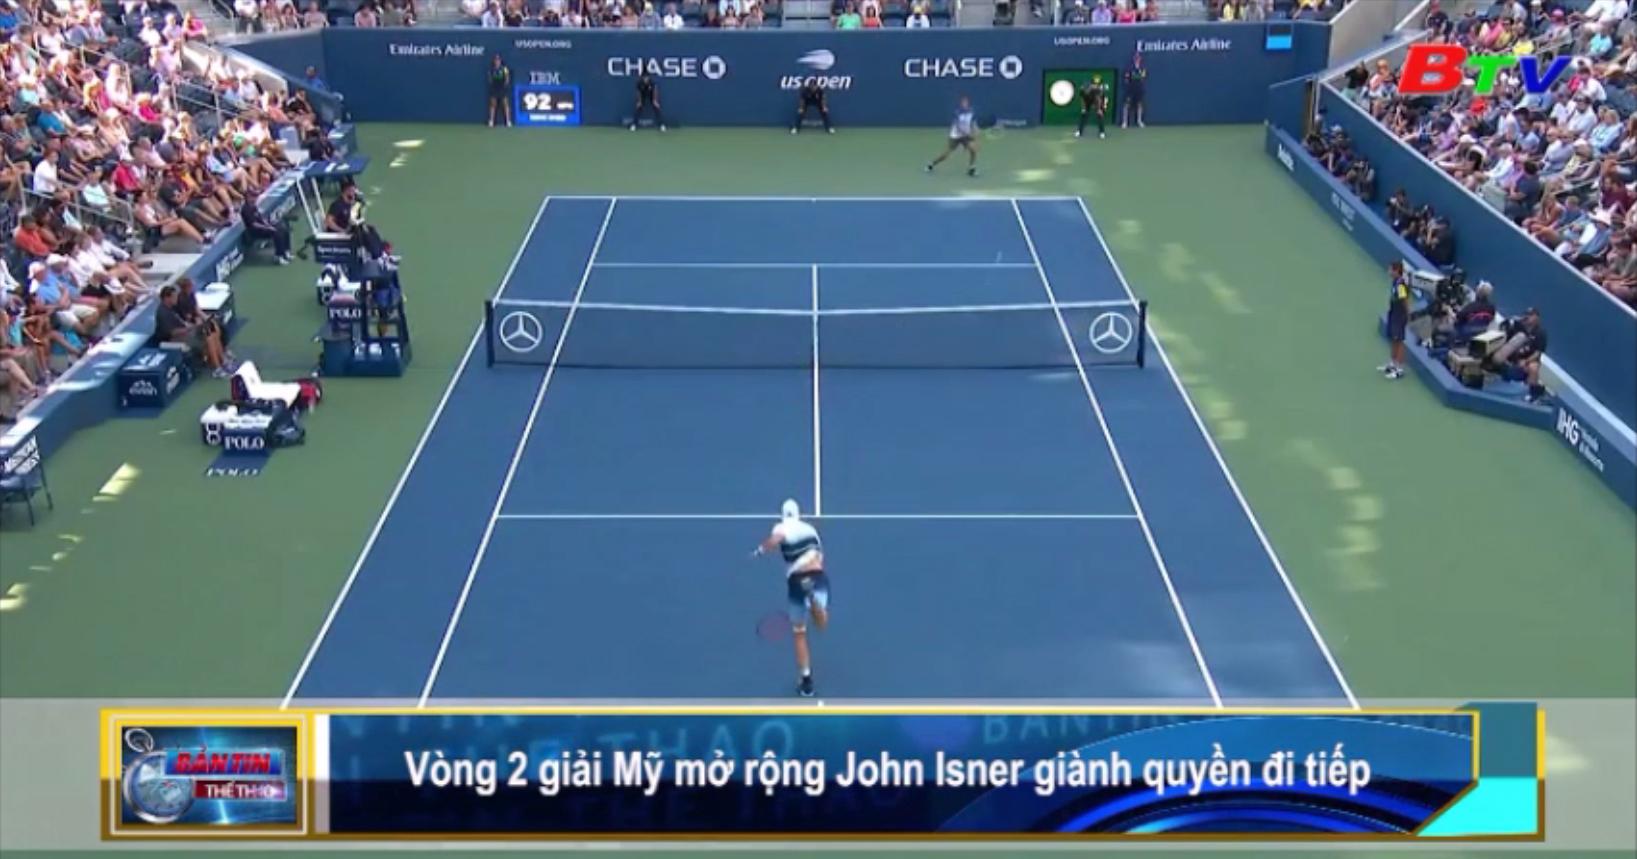 Vòng 2 Giải quần vợt Mỹ mở rộng 2019 - John Isner giành quyền đi tiếp